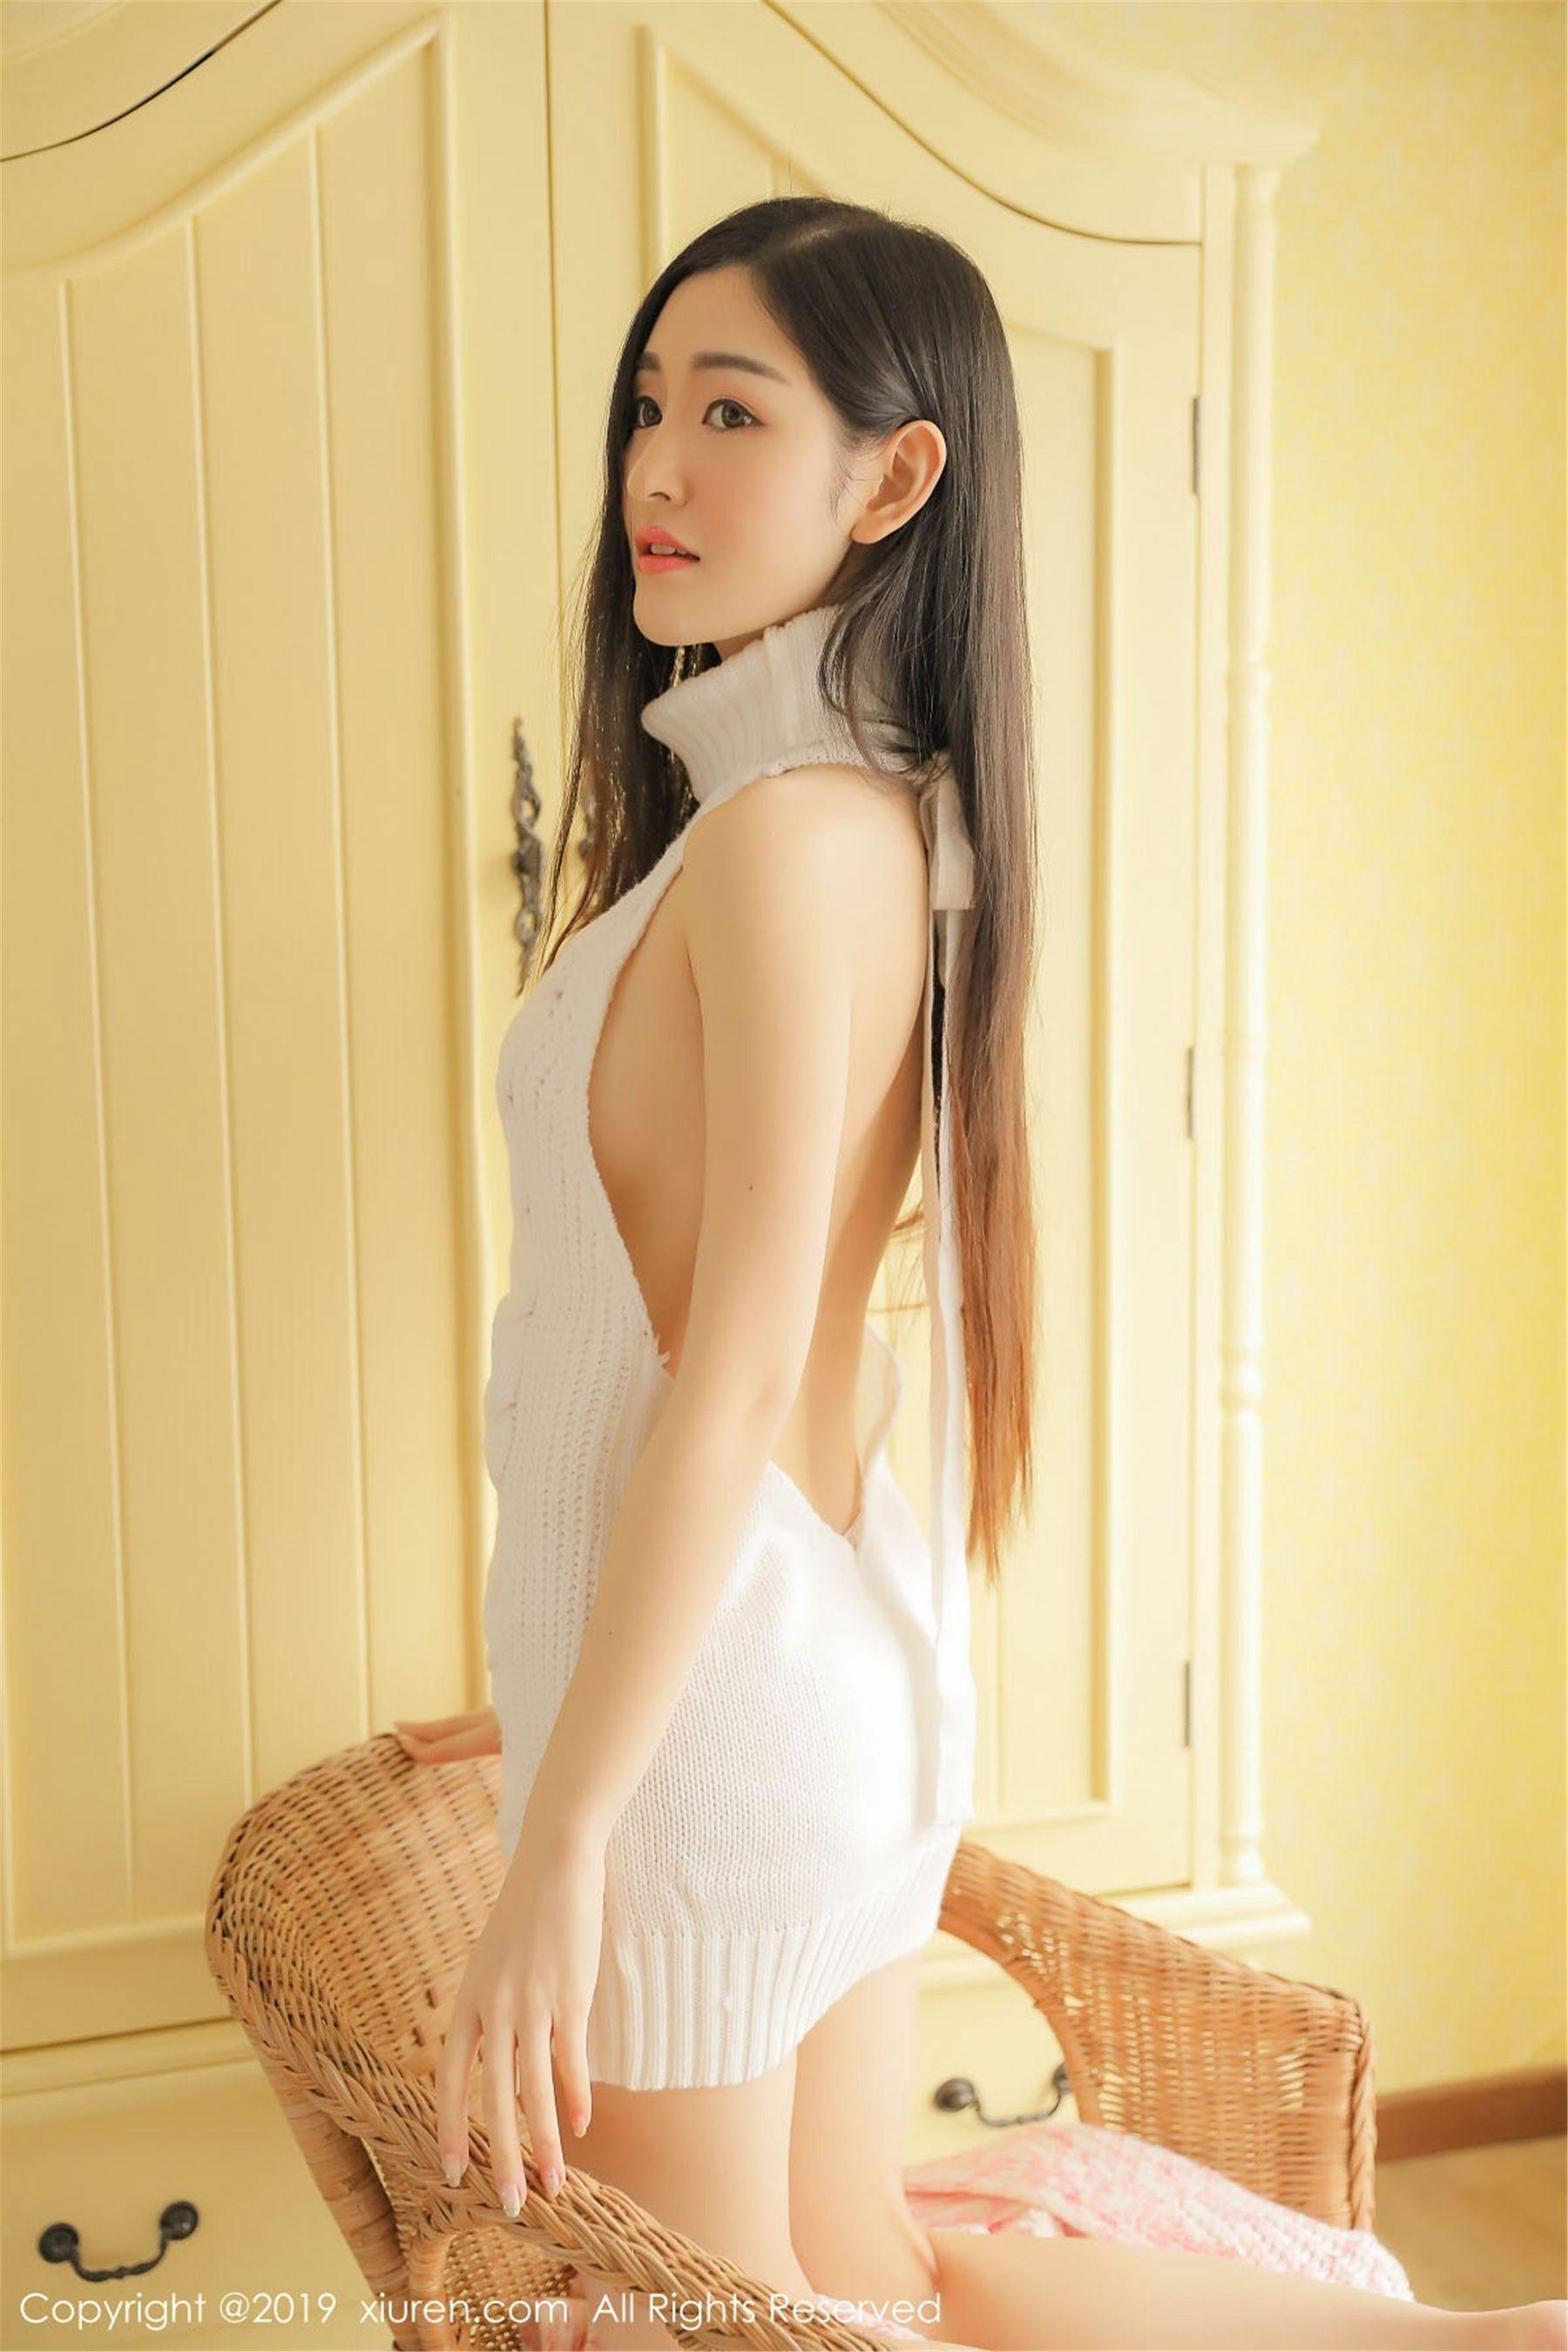 [秀人网]沈梦瑶(沈梦瑶_G-cat)No.1520超高清写真大图片(43P)|214热度